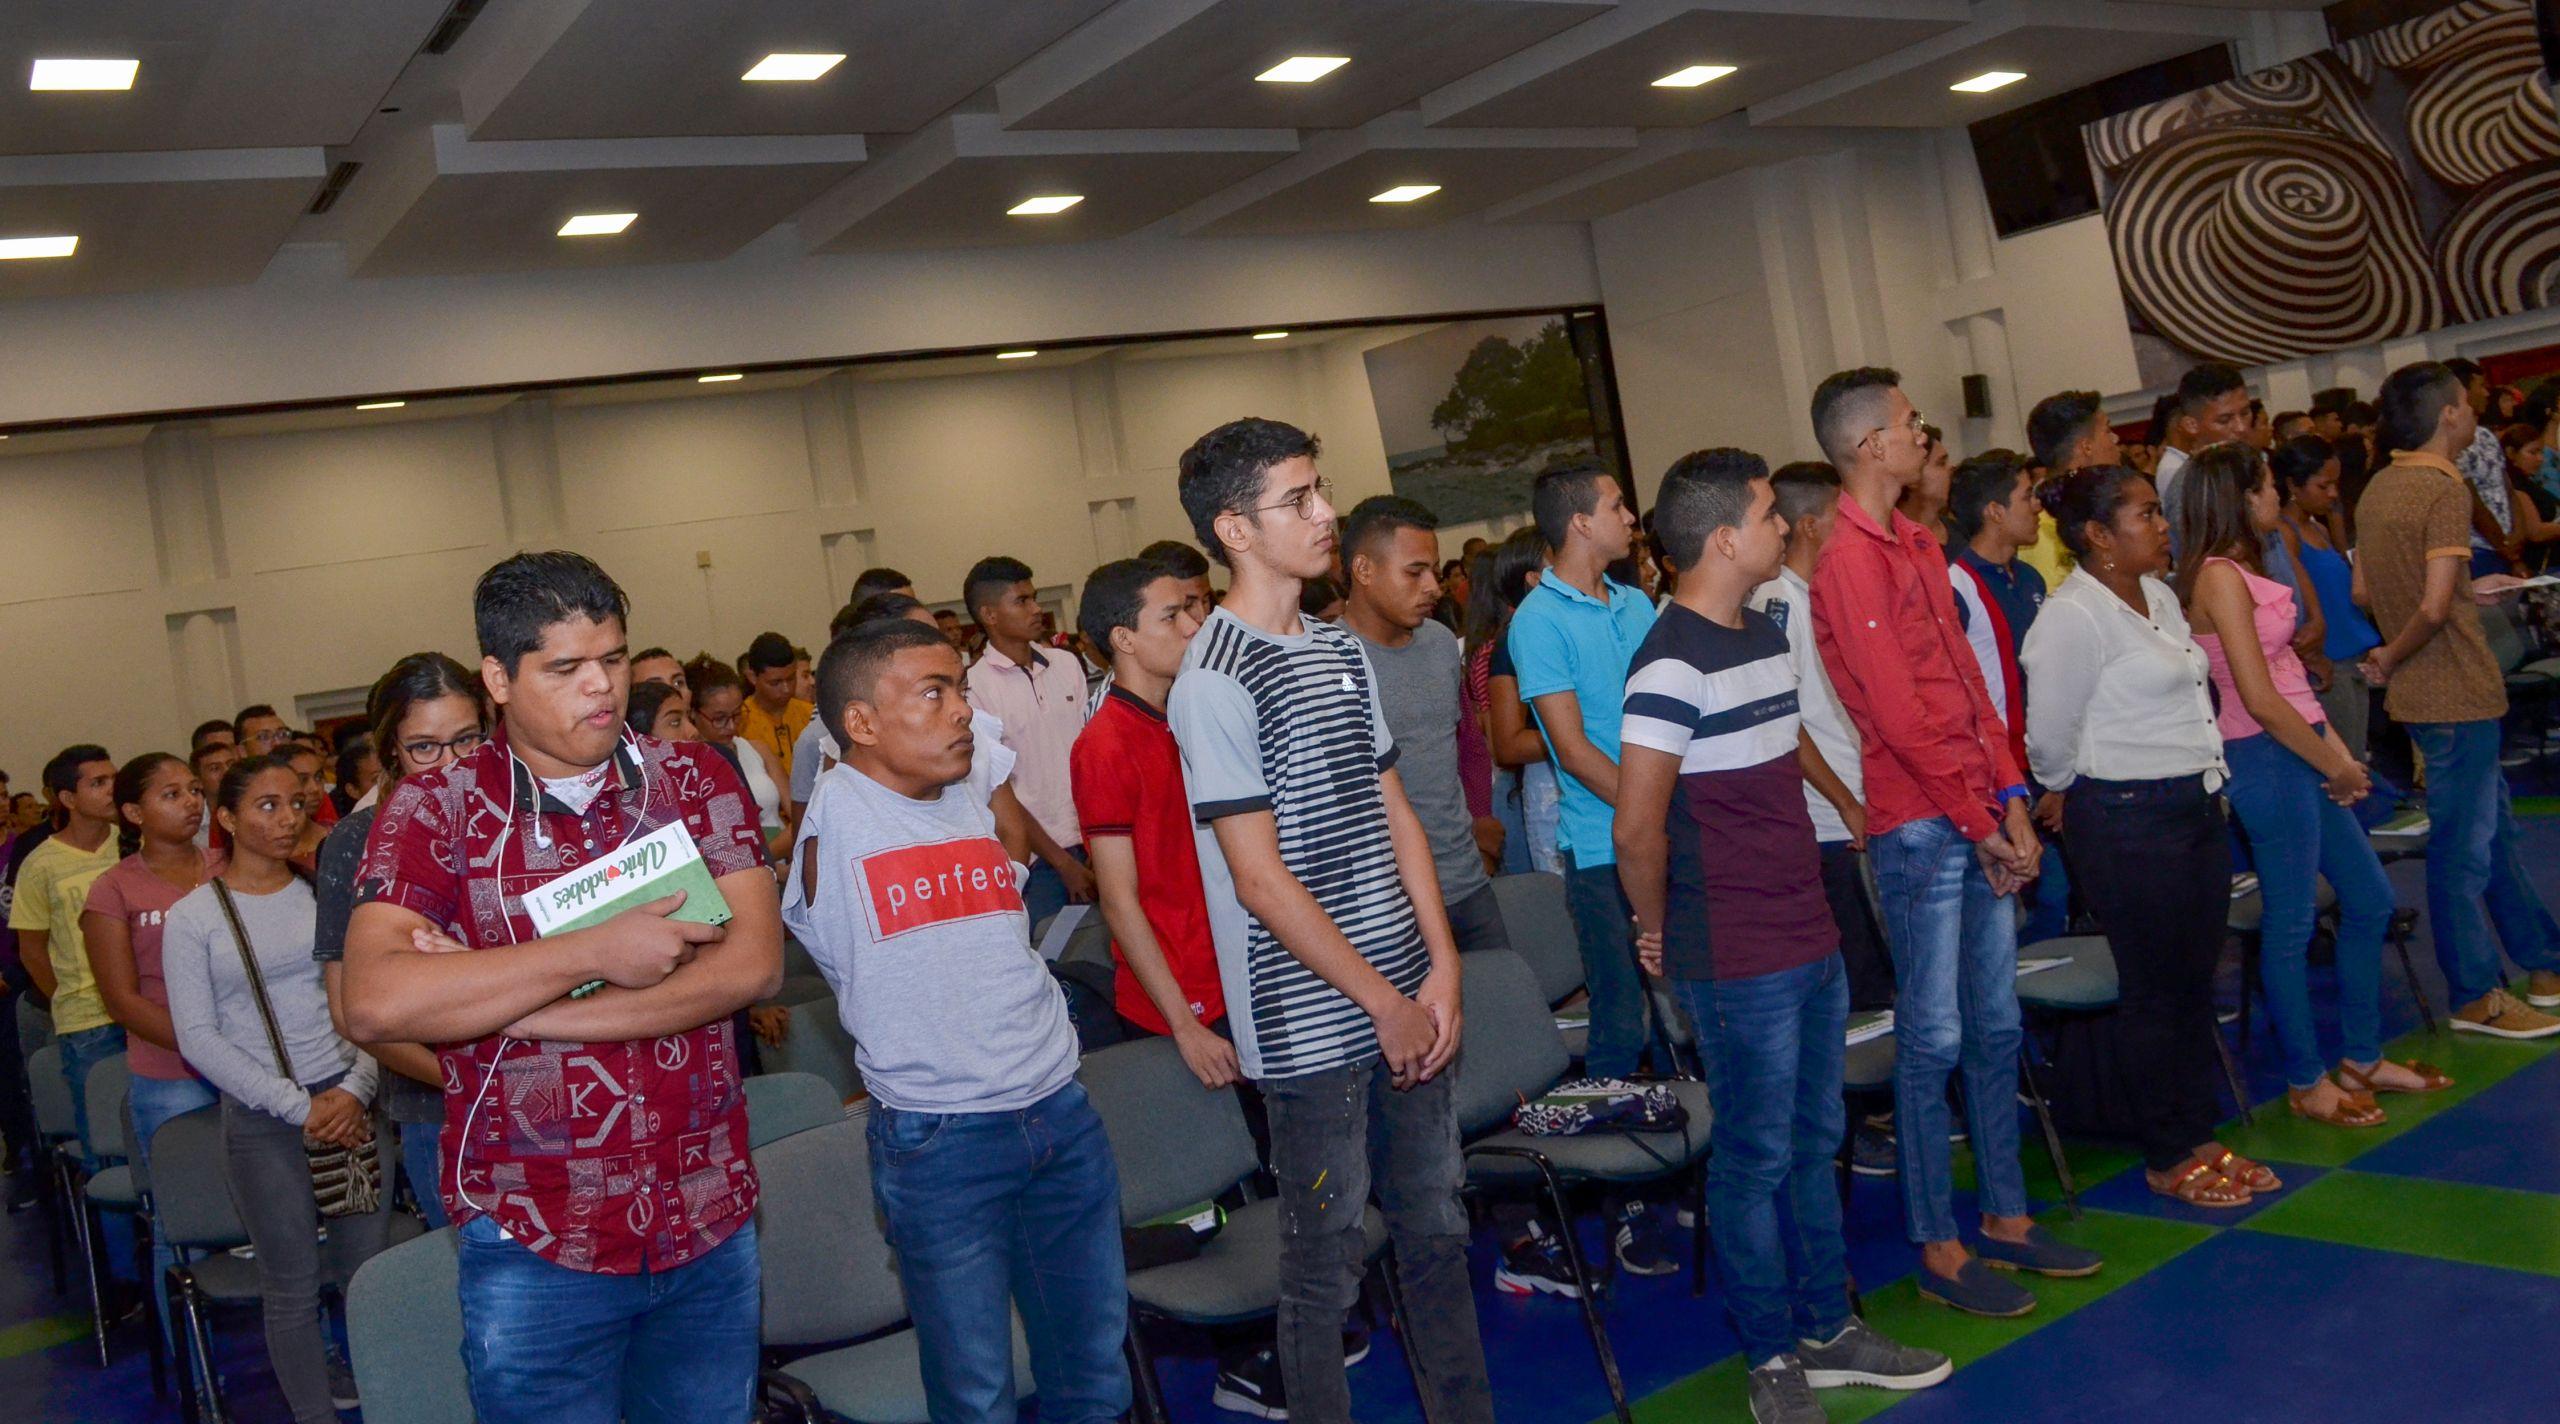 Daniel Polo Martínez estrena nuevas amistades en una comunidad universitaria que admira su fortaleza.